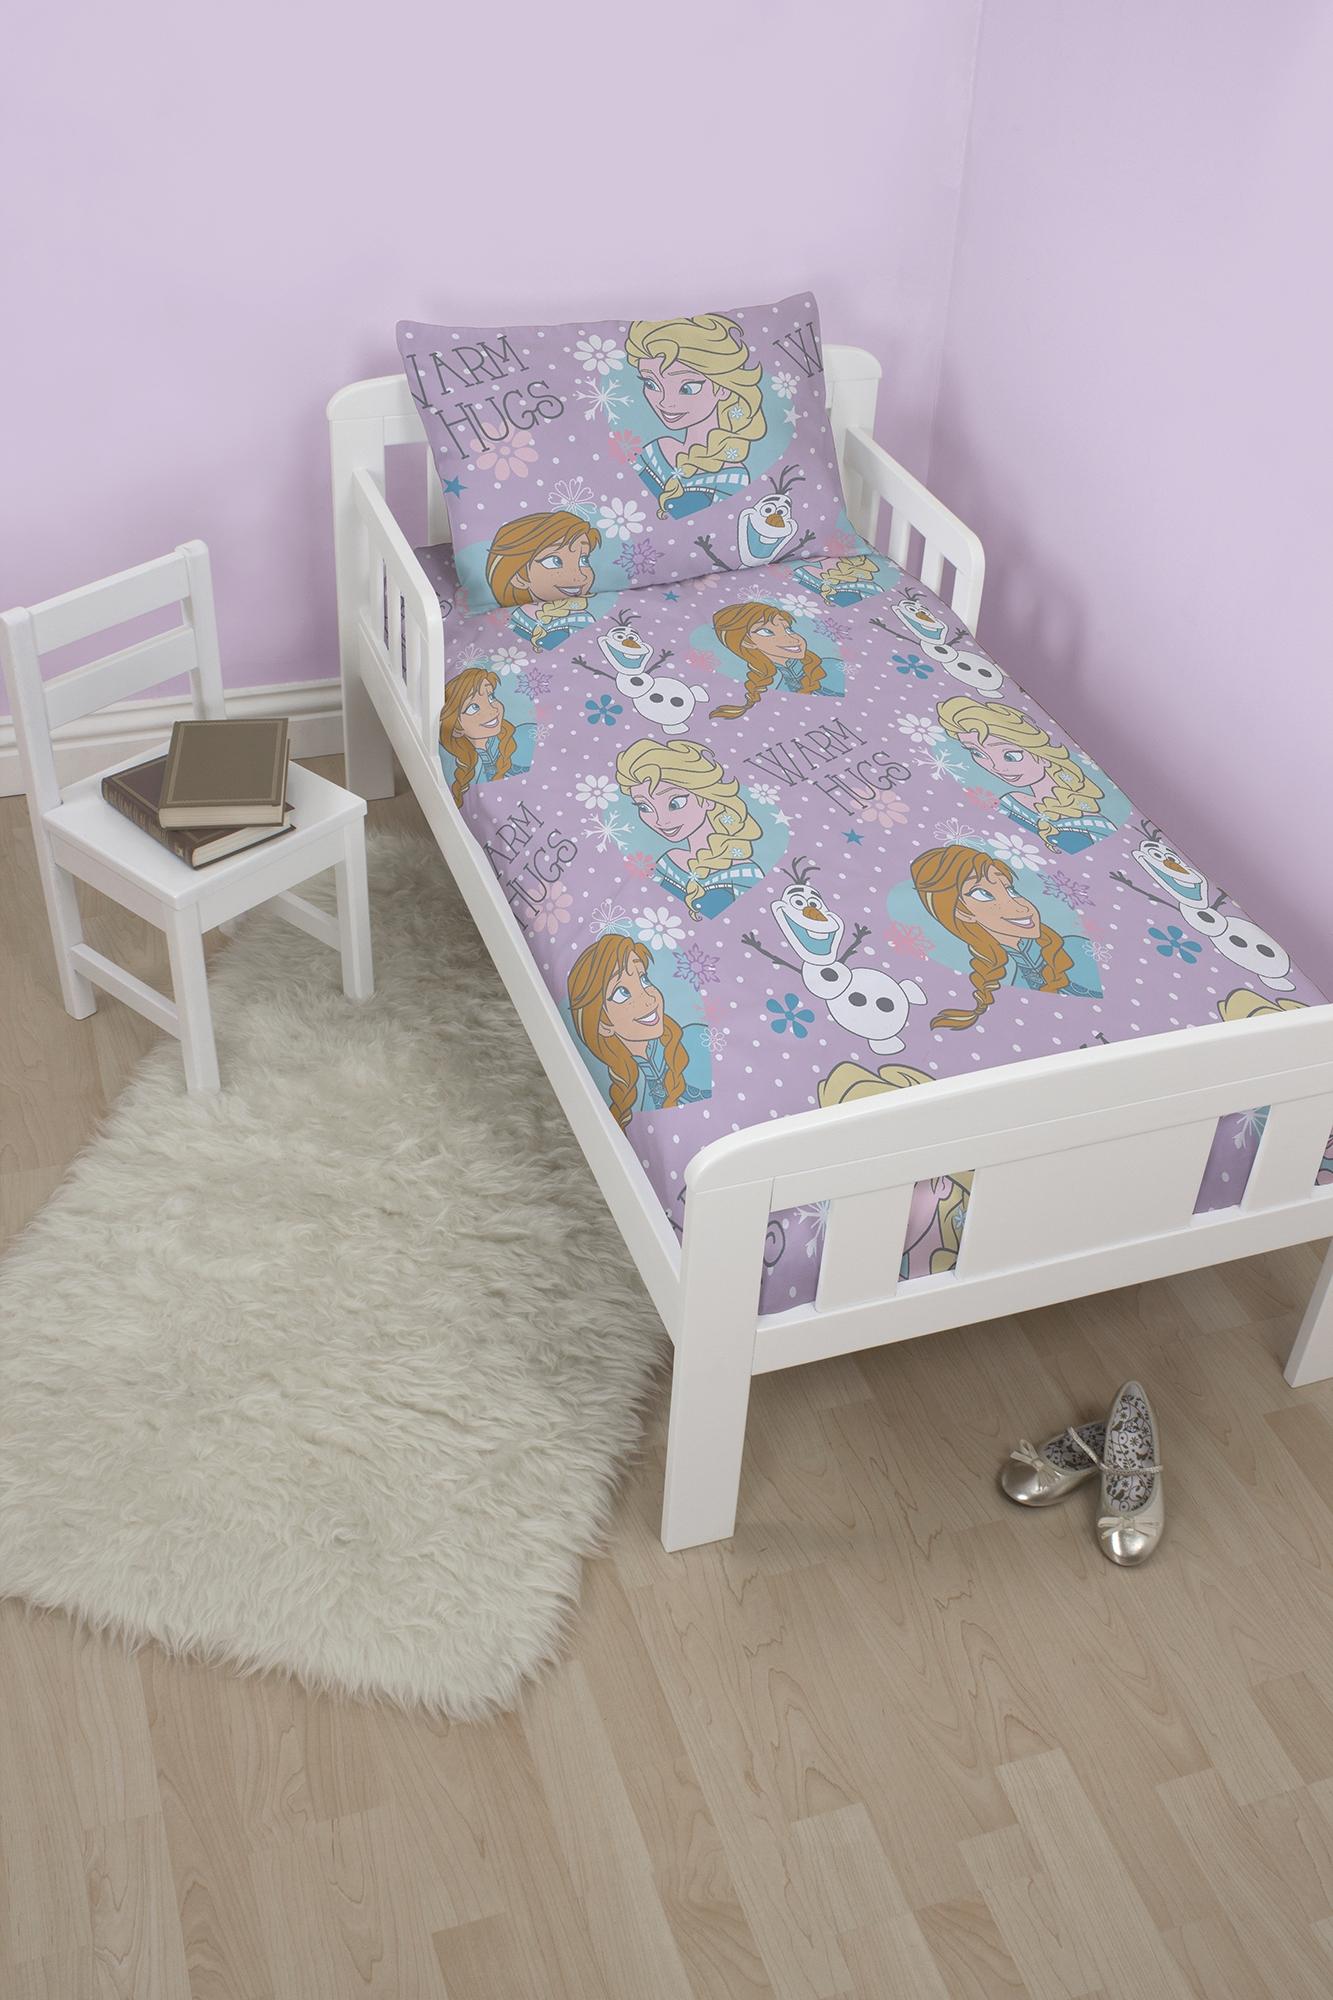 Frozen Crystal Junior Toddler Cot Bed Duvet Quilt Cover